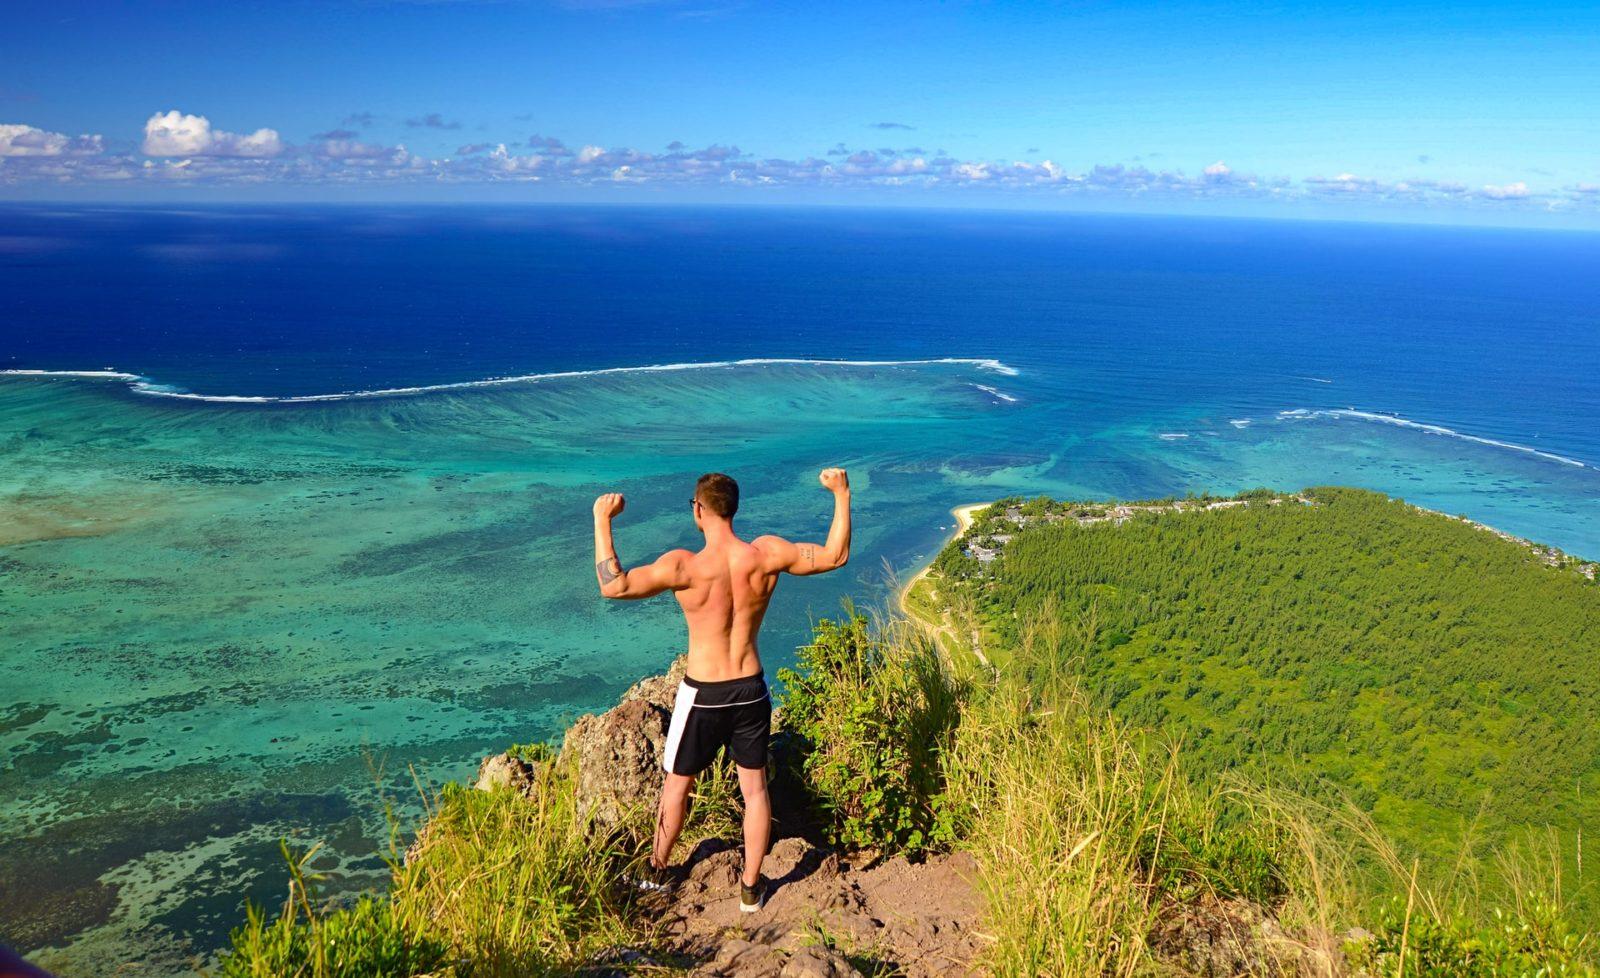 Путешествие на Маврикий: нужна ли виза для россиян?